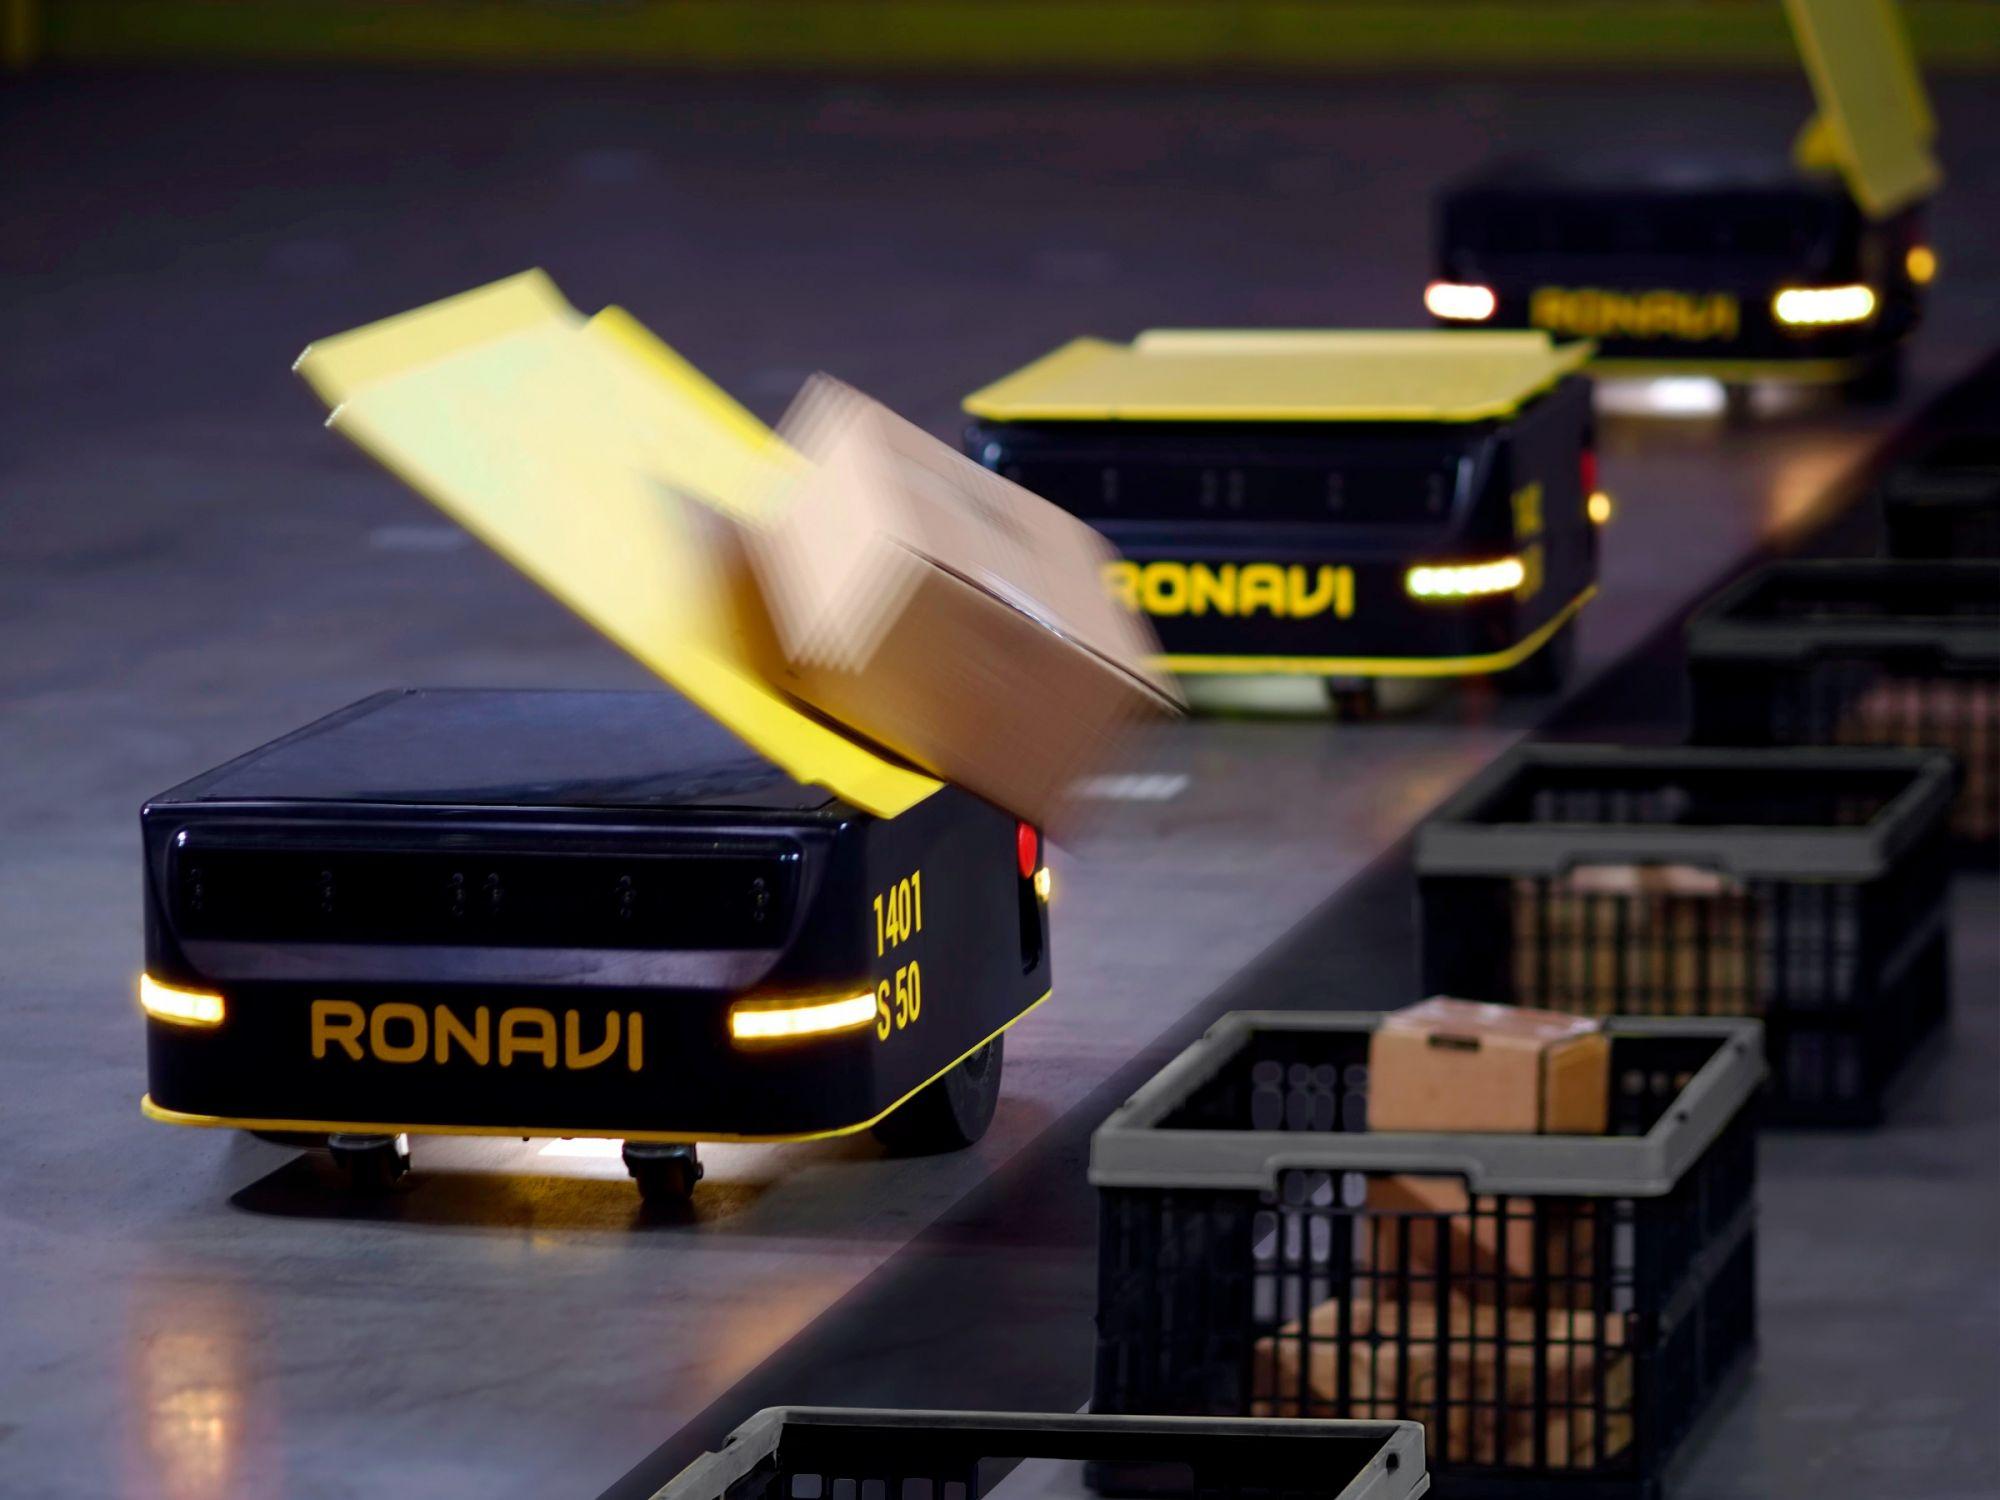 Резидент «Сколково» запустил продажи роботов-сортировщиков